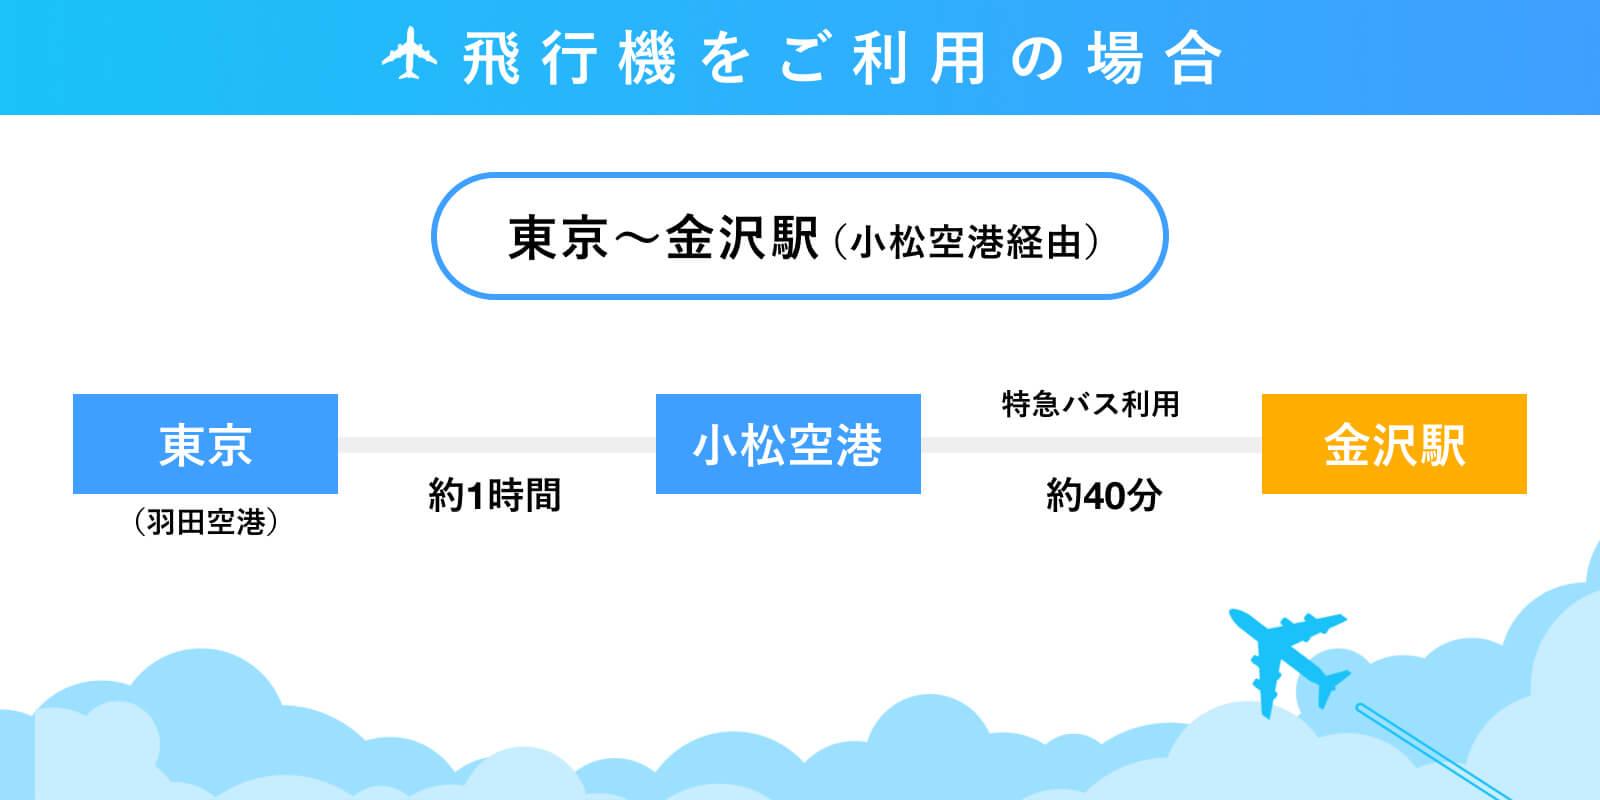 石川県金沢駅までのアクセス